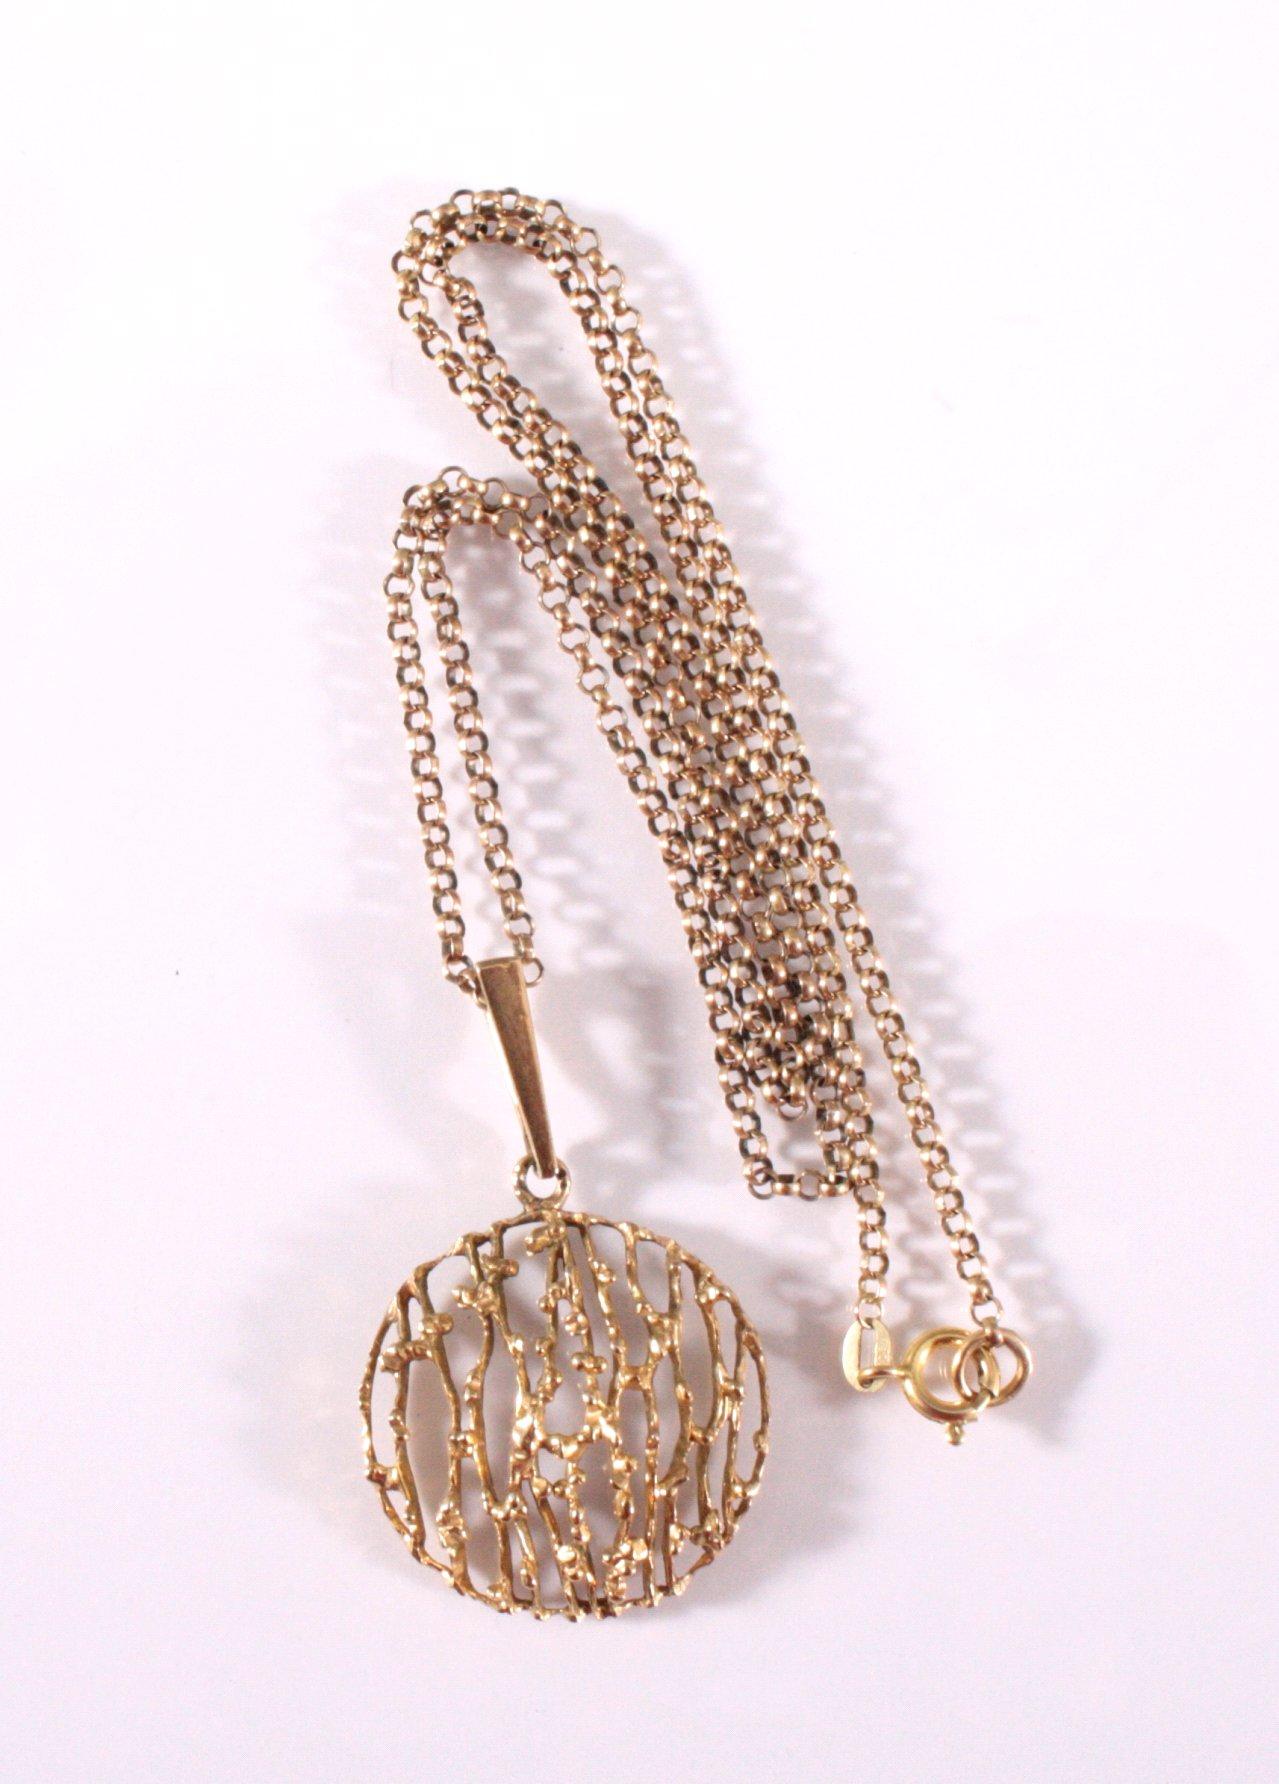 Halskette mit rundem, durchbrochen gearbeiteten Anhänger